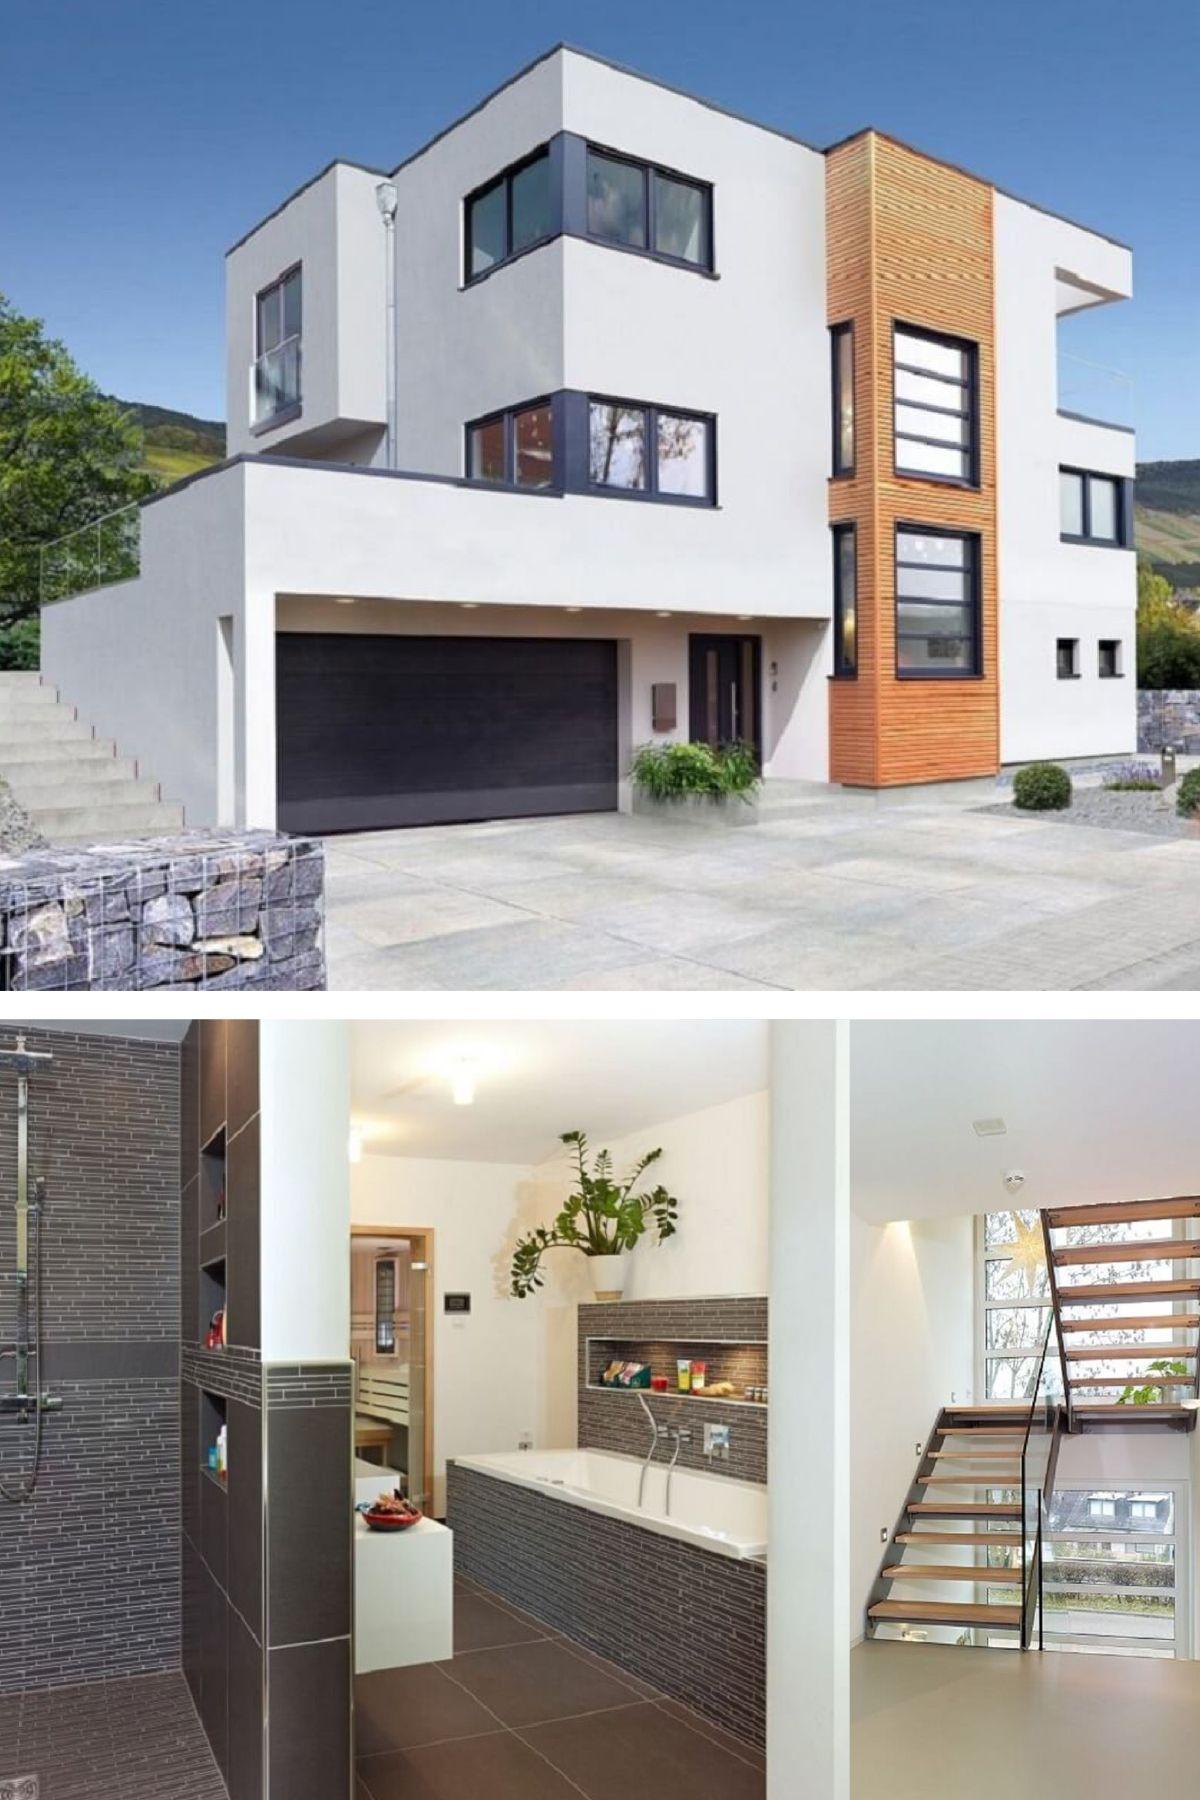 designhaus bauhausstil haus trier von streif haus moderne stadtvilla einfamilienhaus. Black Bedroom Furniture Sets. Home Design Ideas